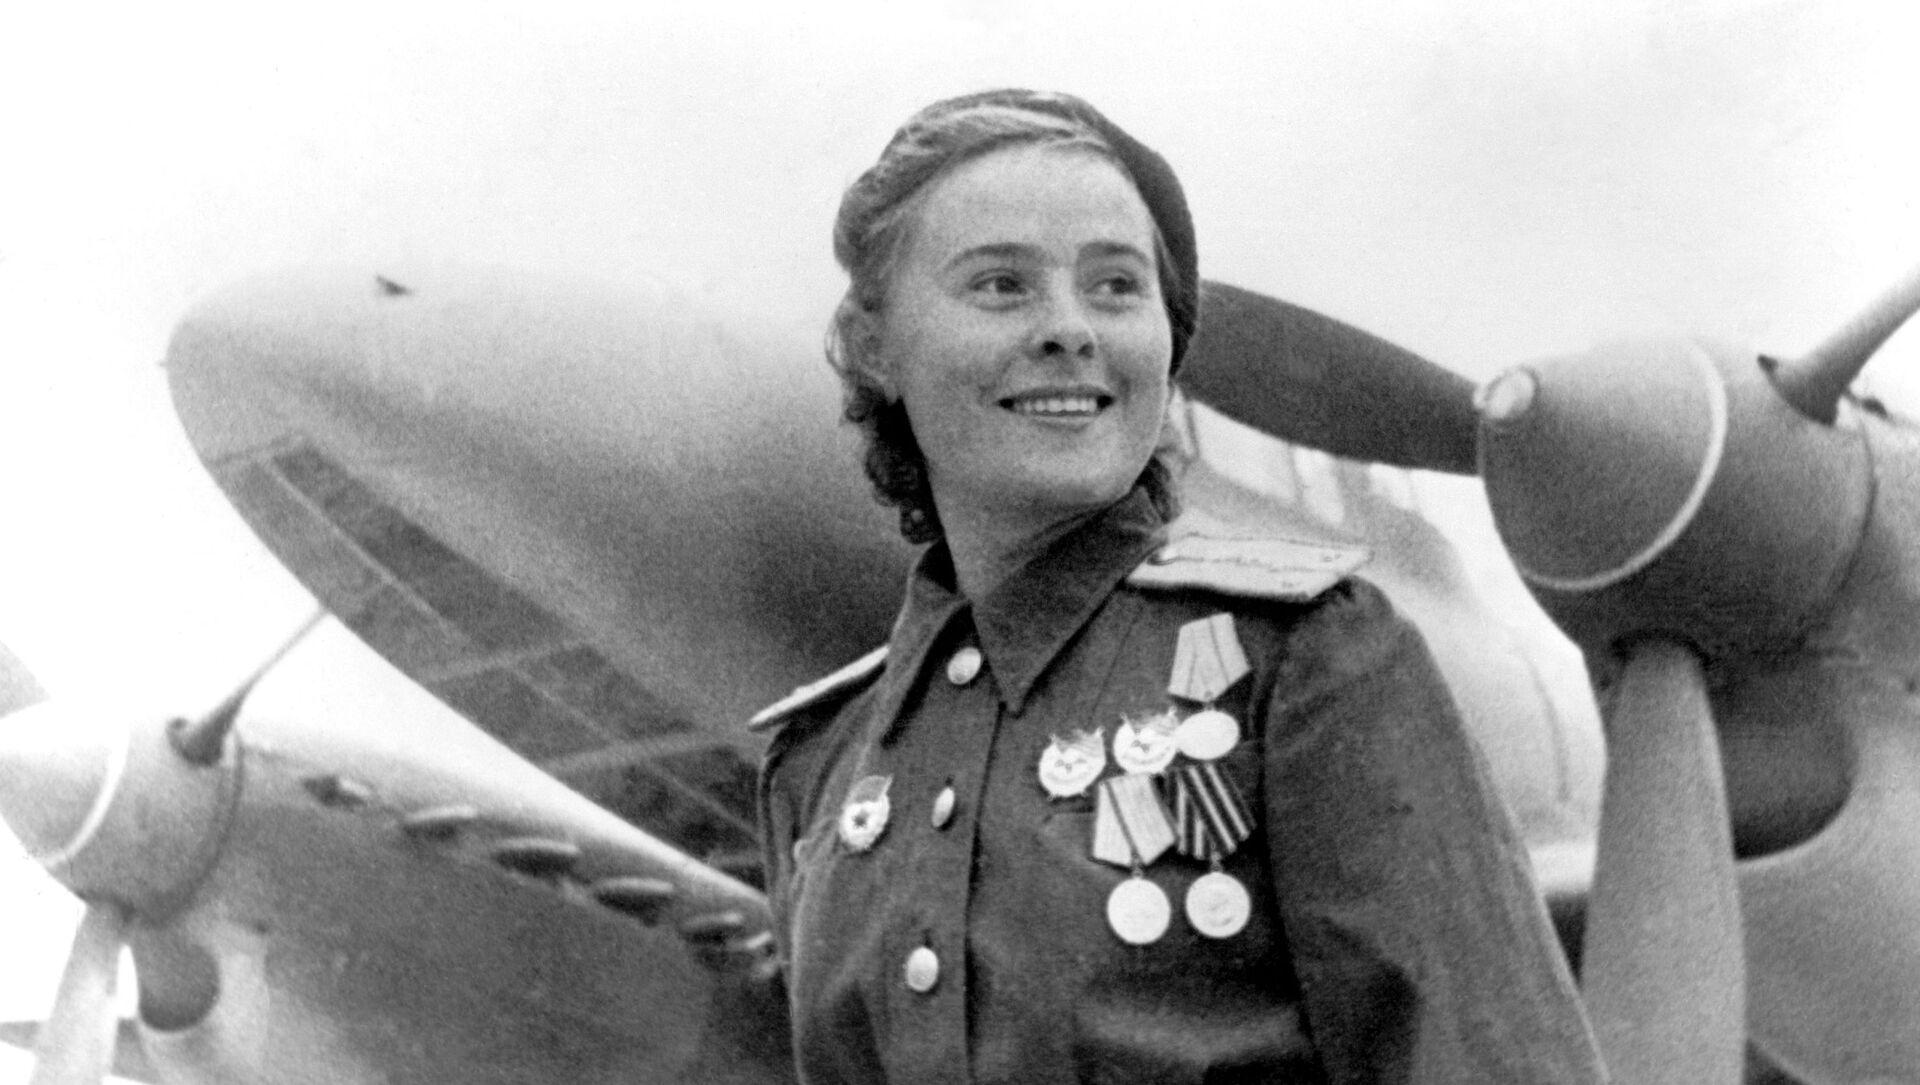 Operadoras de radio, guerrilleras y francotiradoras: el rostro femenino de la guerra - Sputnik Mundo, 1920, 05.05.2017